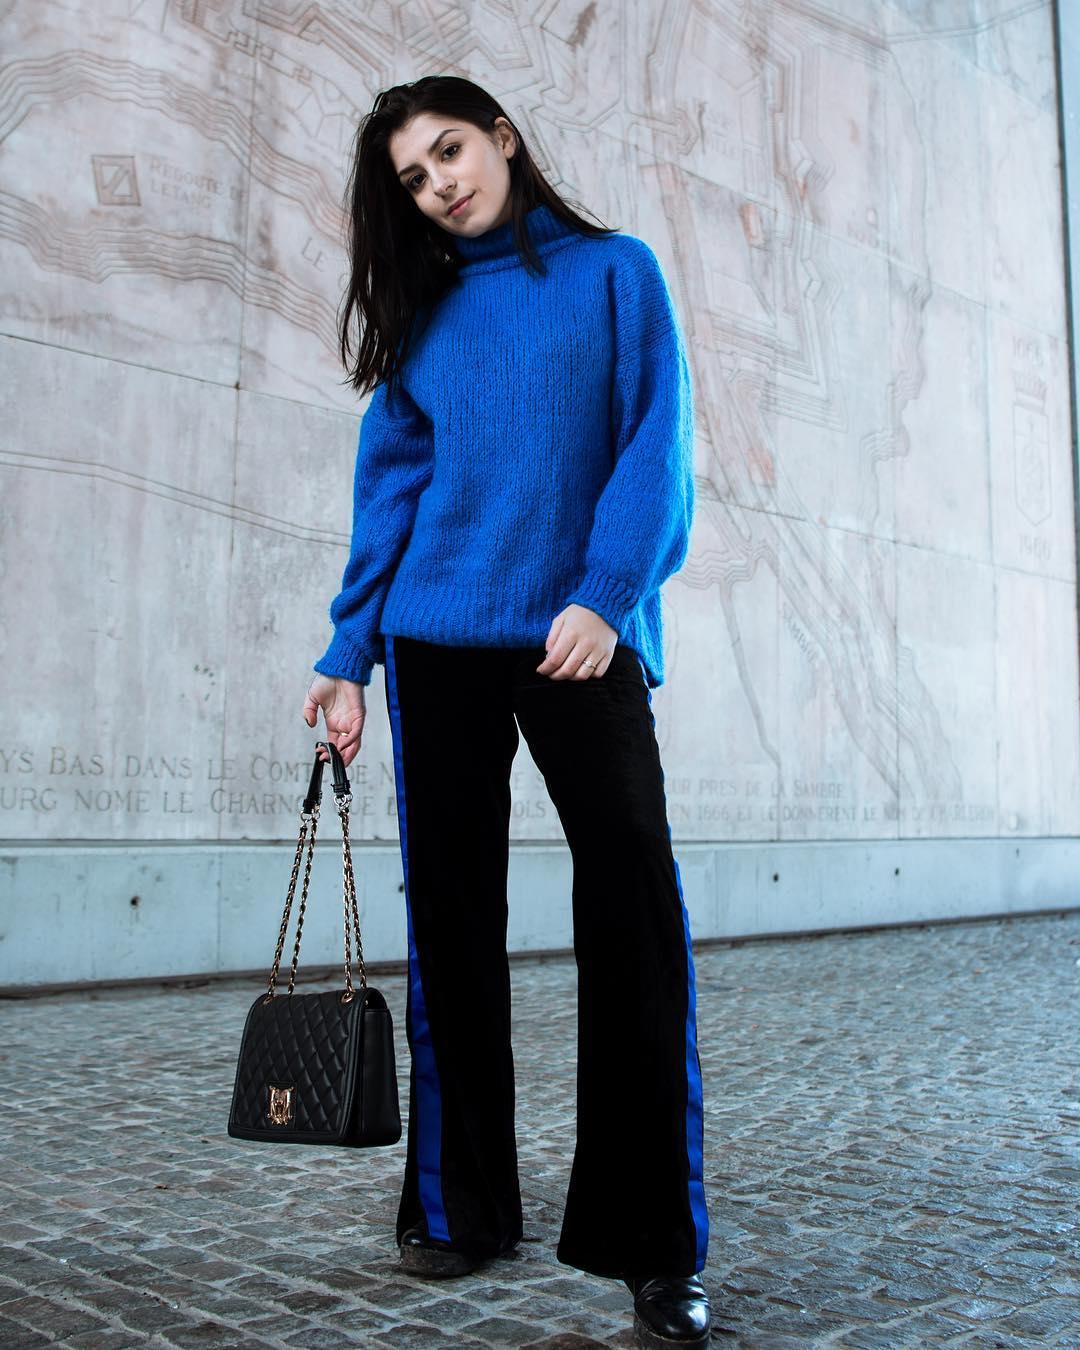 blue indy jumper de Les Bourgeoises sur celiadecoster